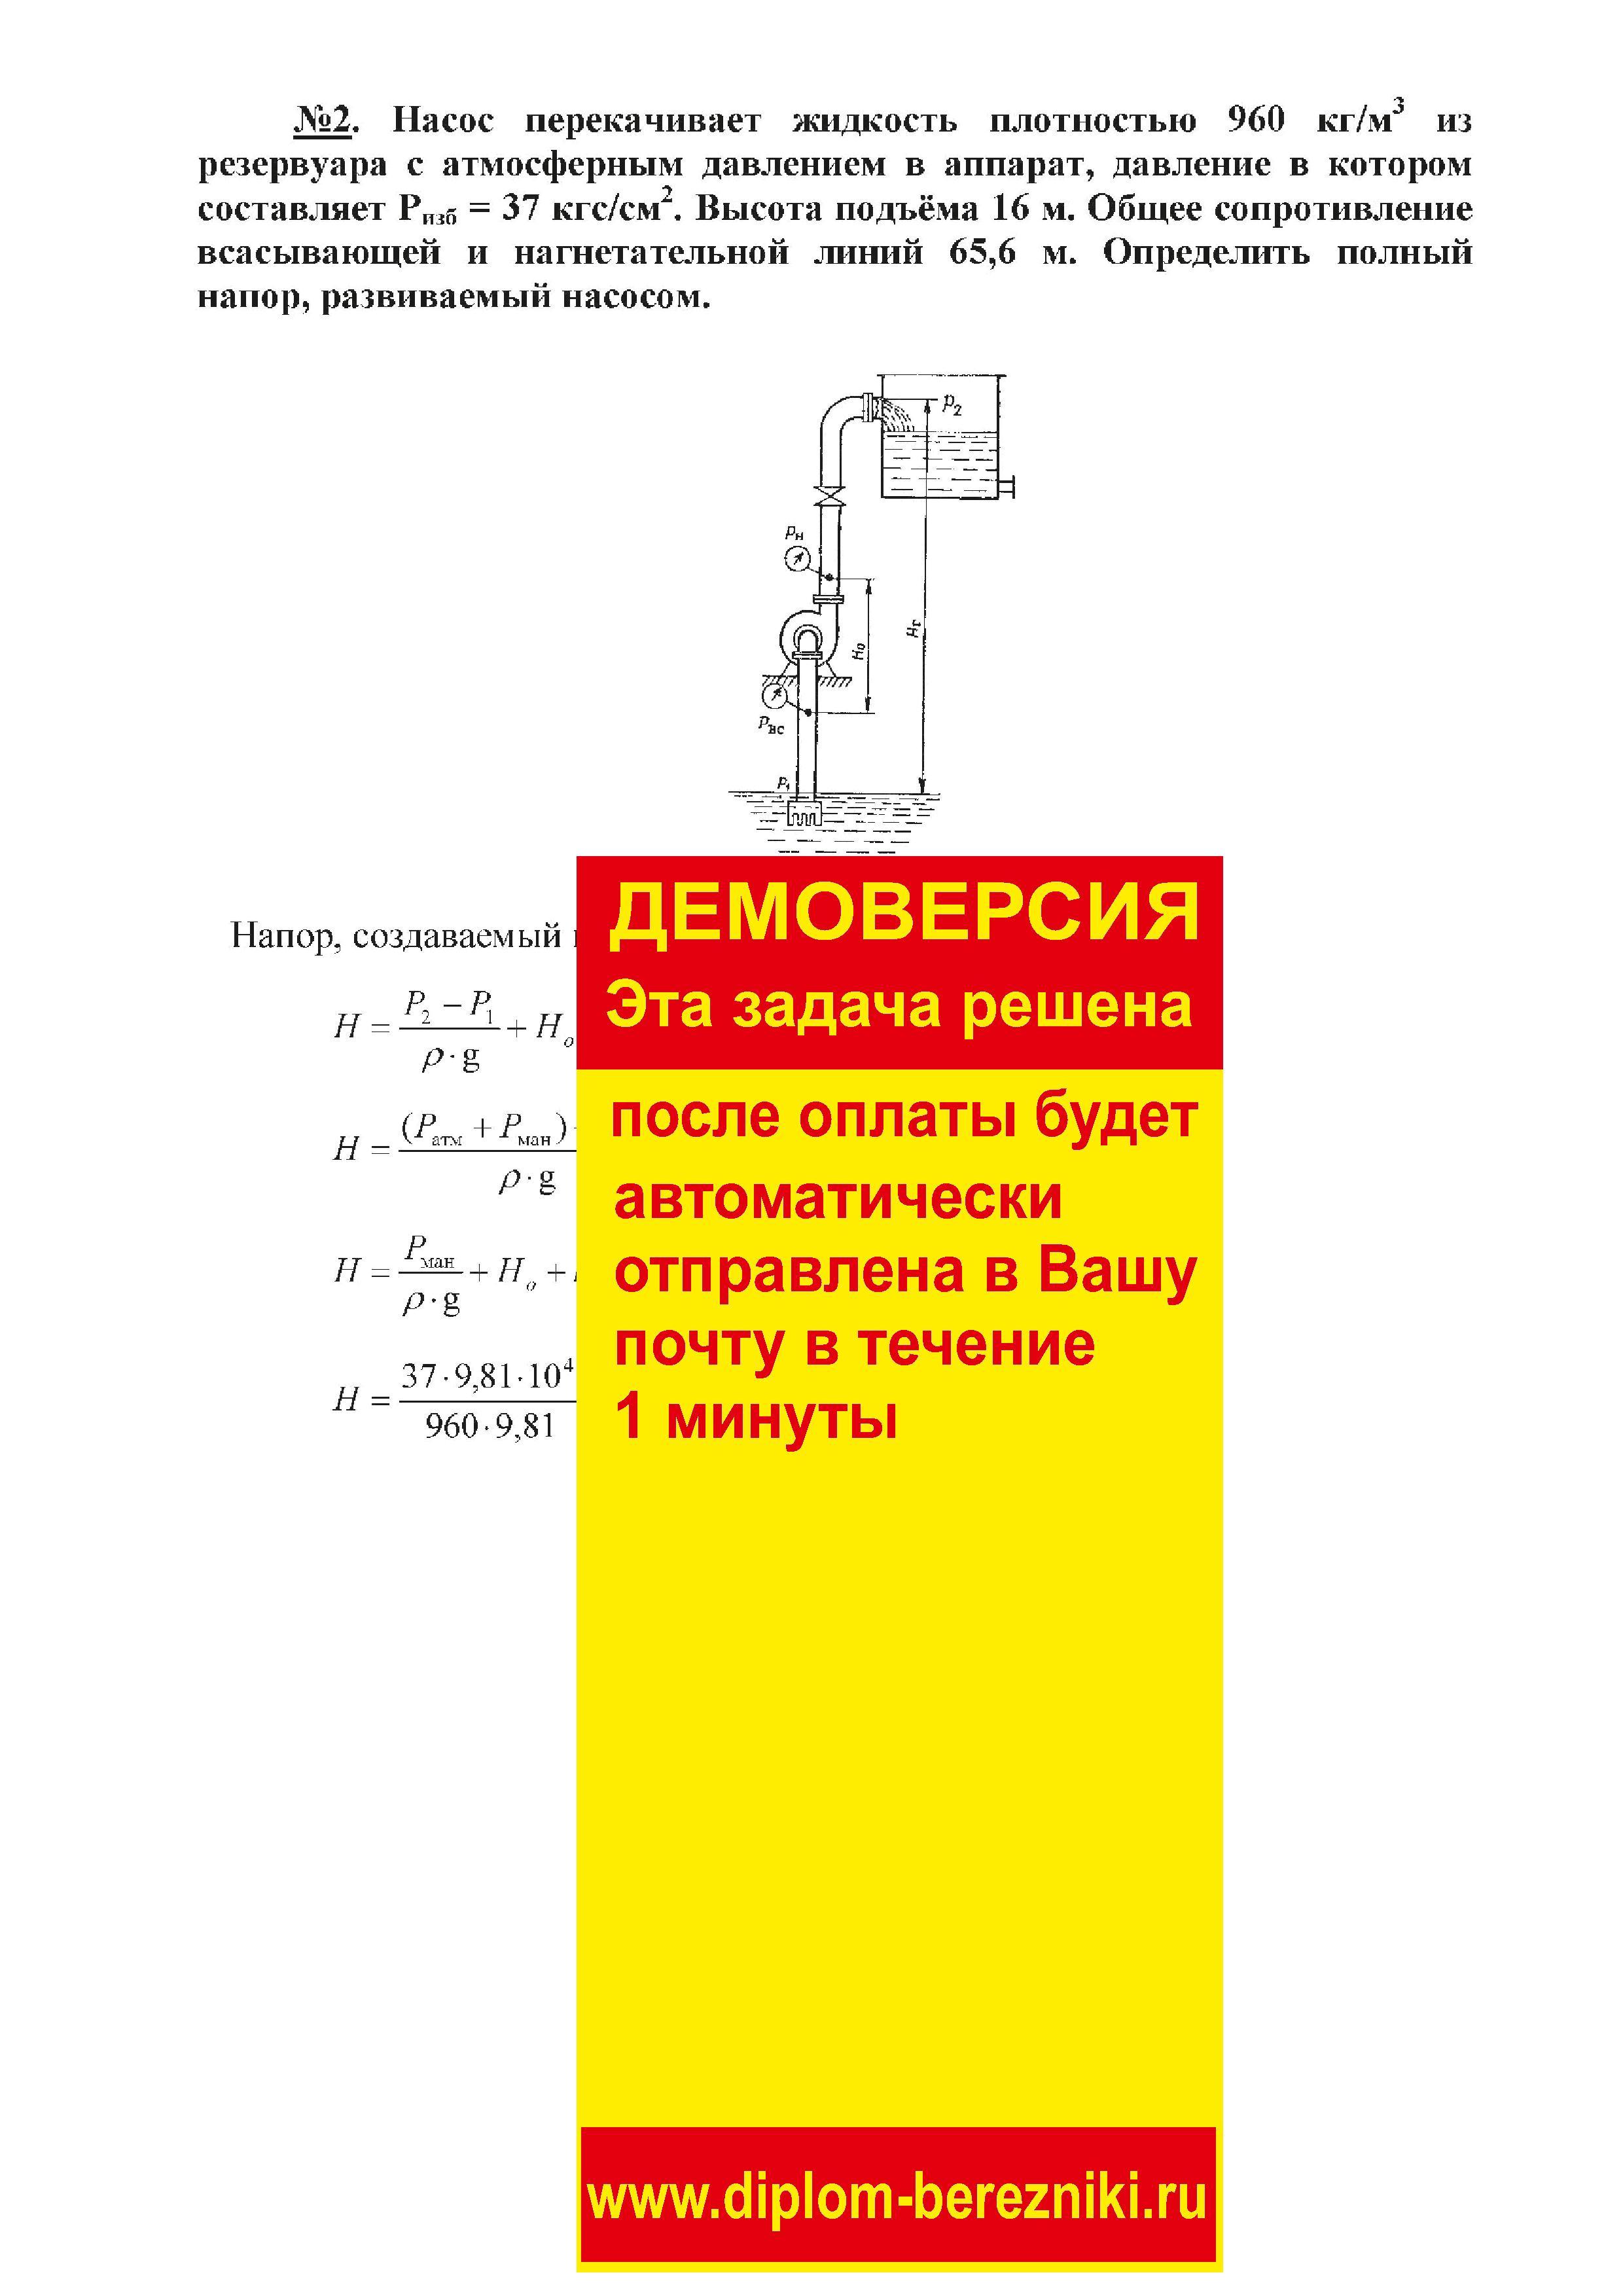 Решение задачи 2.2 по ПАХТ из задачника Павлова Романкова Носкова